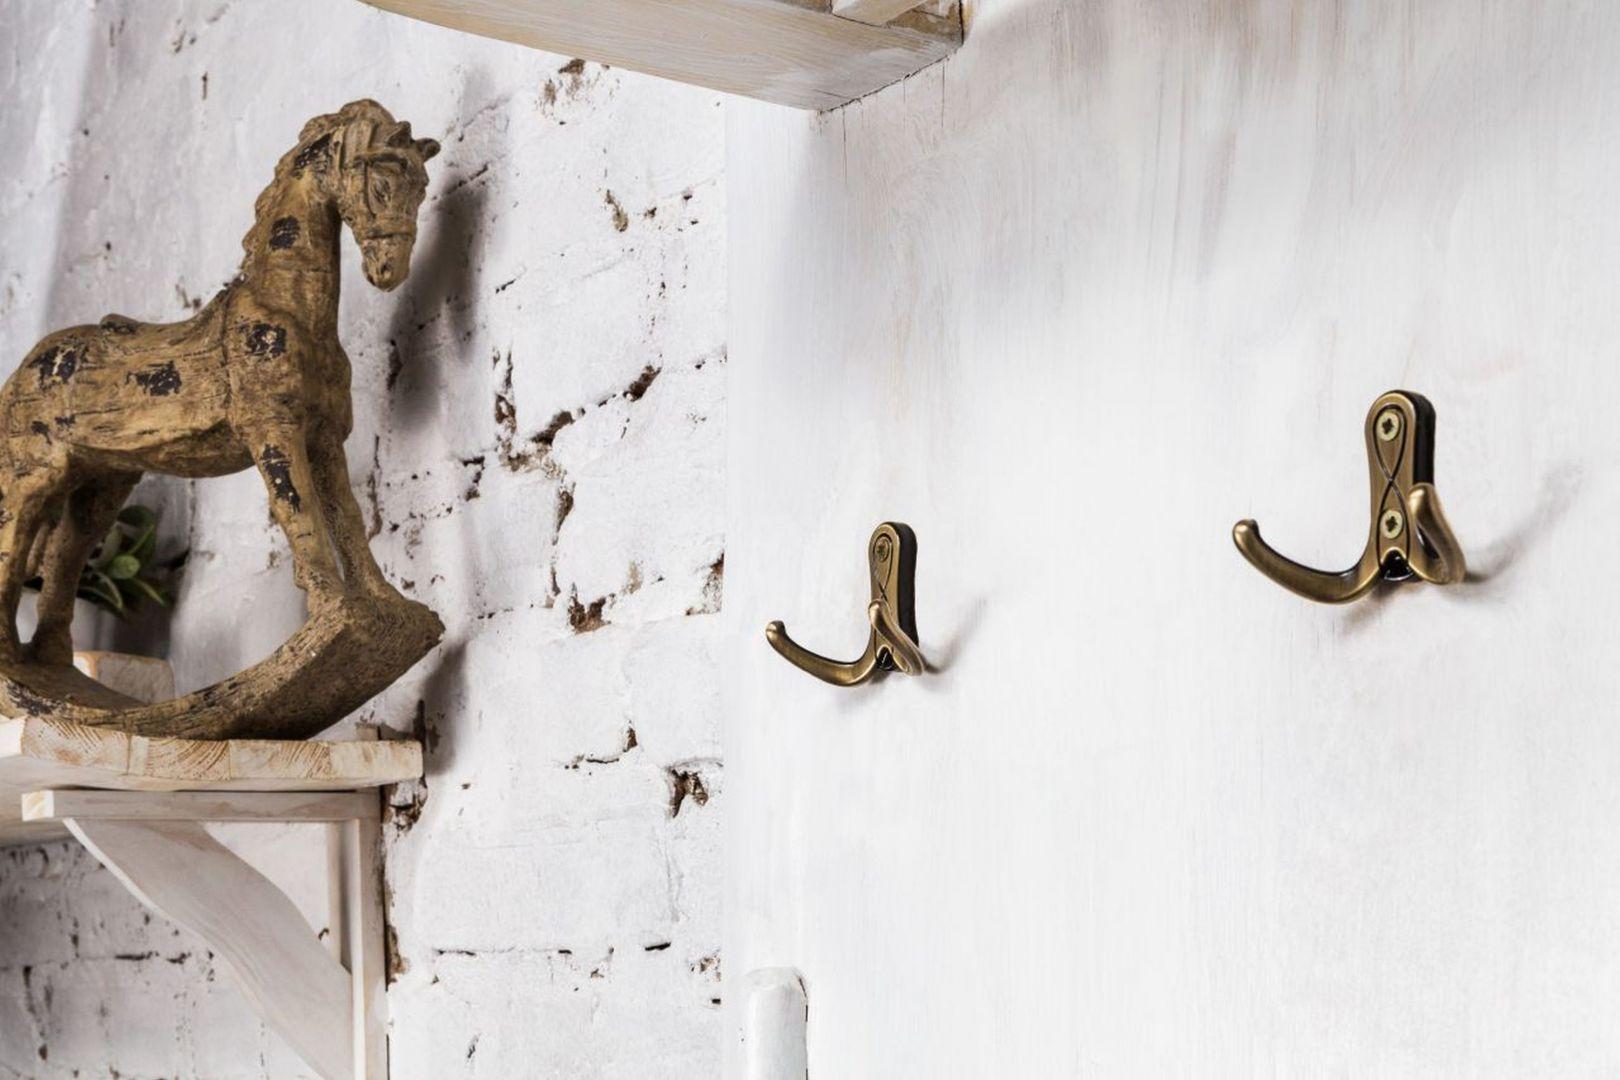 Designerskie wieszaki są nie tylko praktyczne, ale stanowią ozdobę mieszkania. Fot. Gamet S.A. - kolekcja SERPENTE WR42